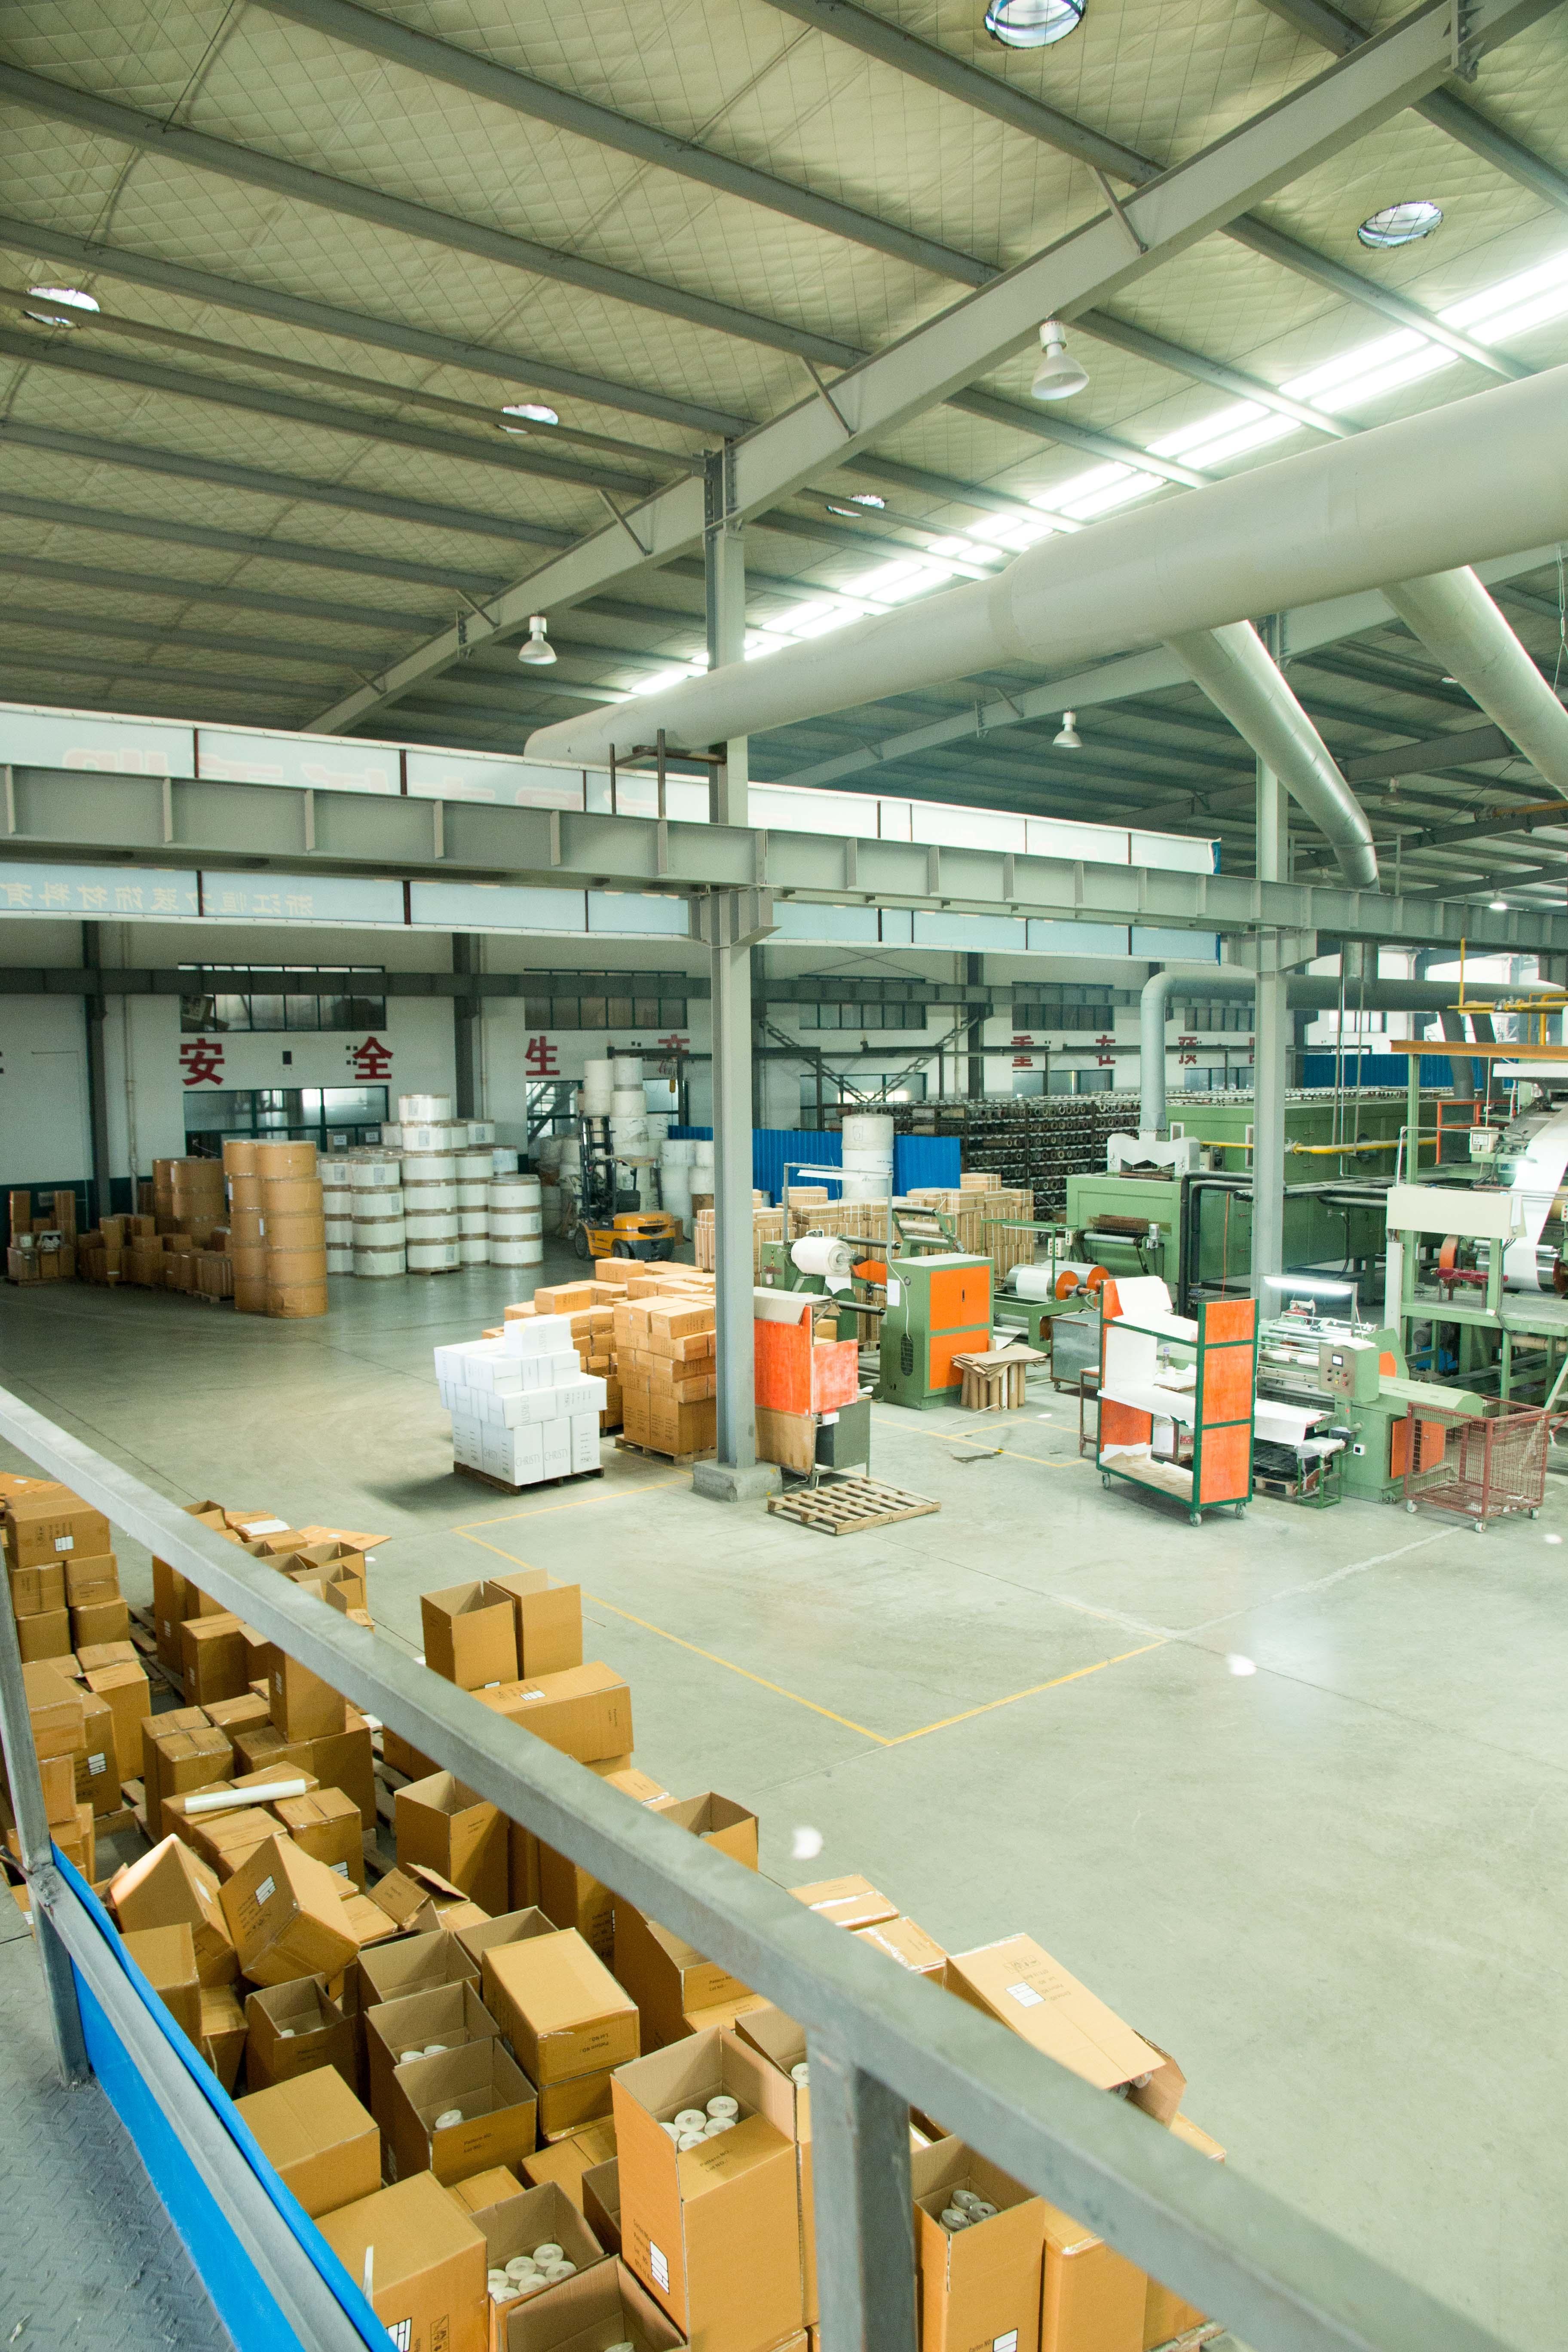 Gambar Pabrik Kotak Gudang 3648x5472 1078697 Galeri Foto Pxhere